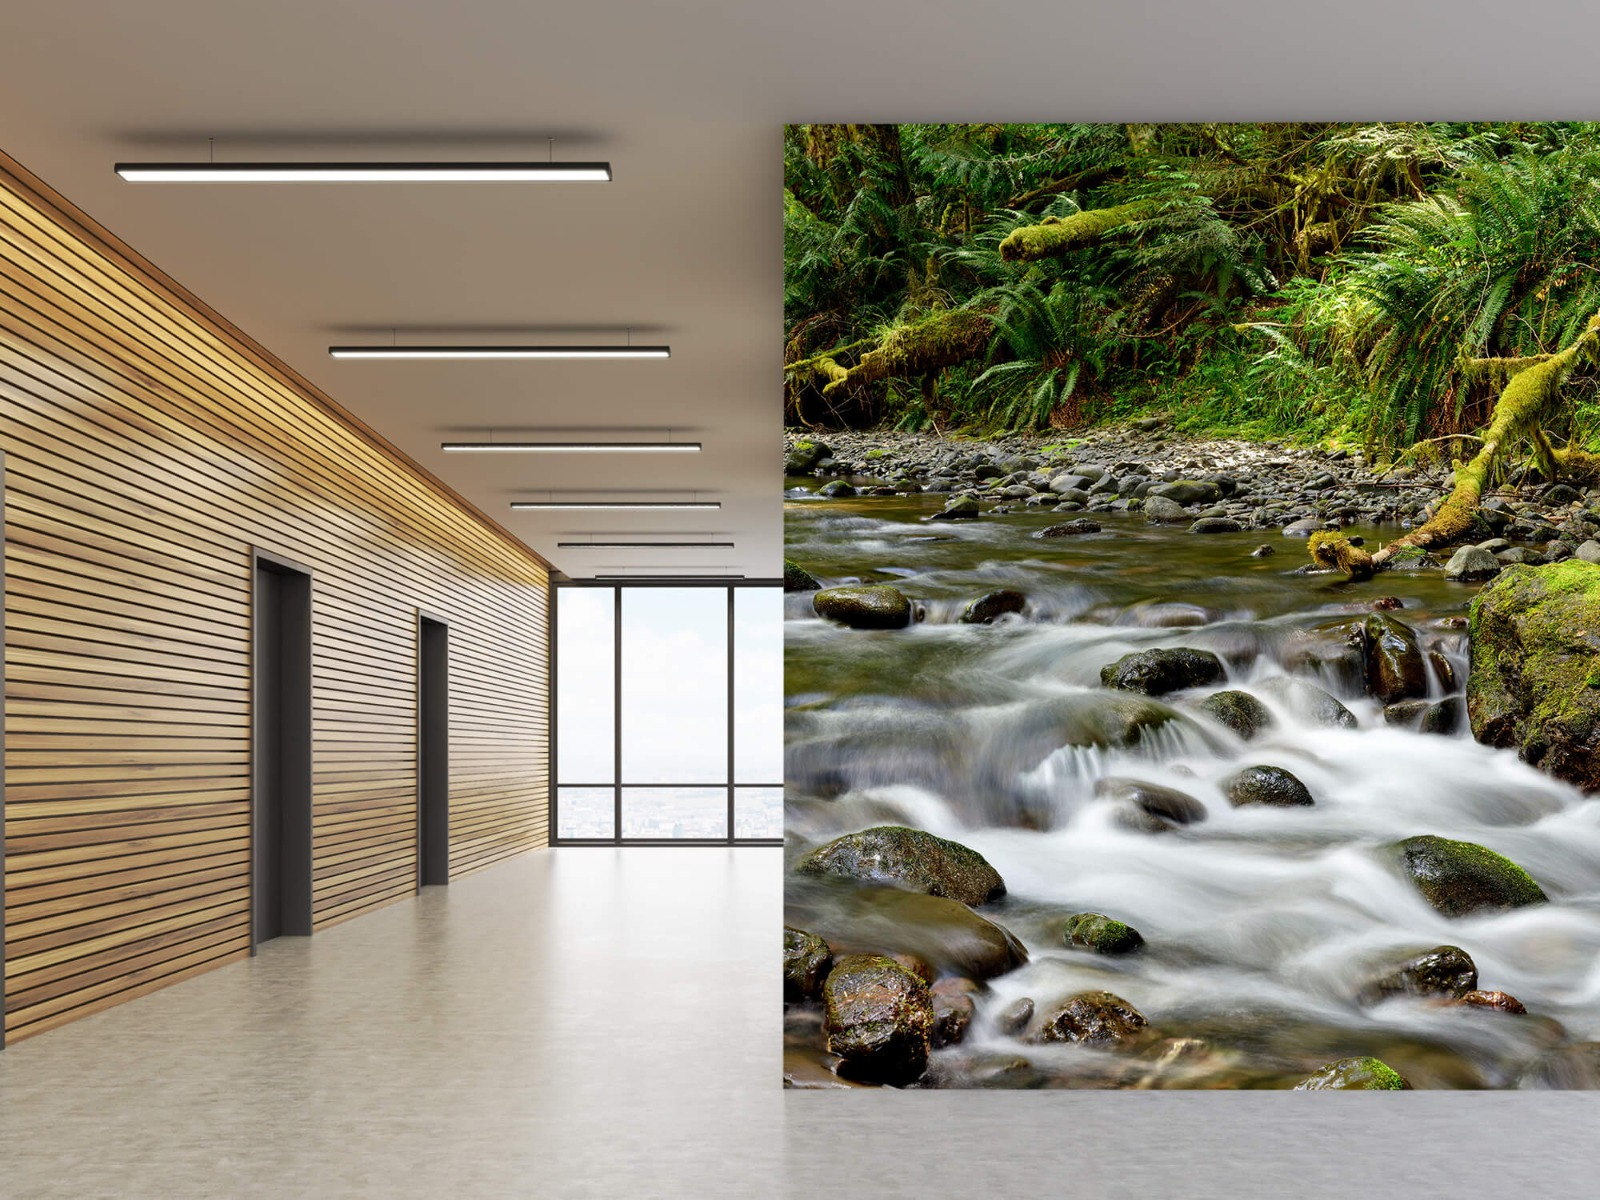 Meertjes en Wateren - Groen rotsblok met riviertje - Wallexclusive - Slaapkamer 6